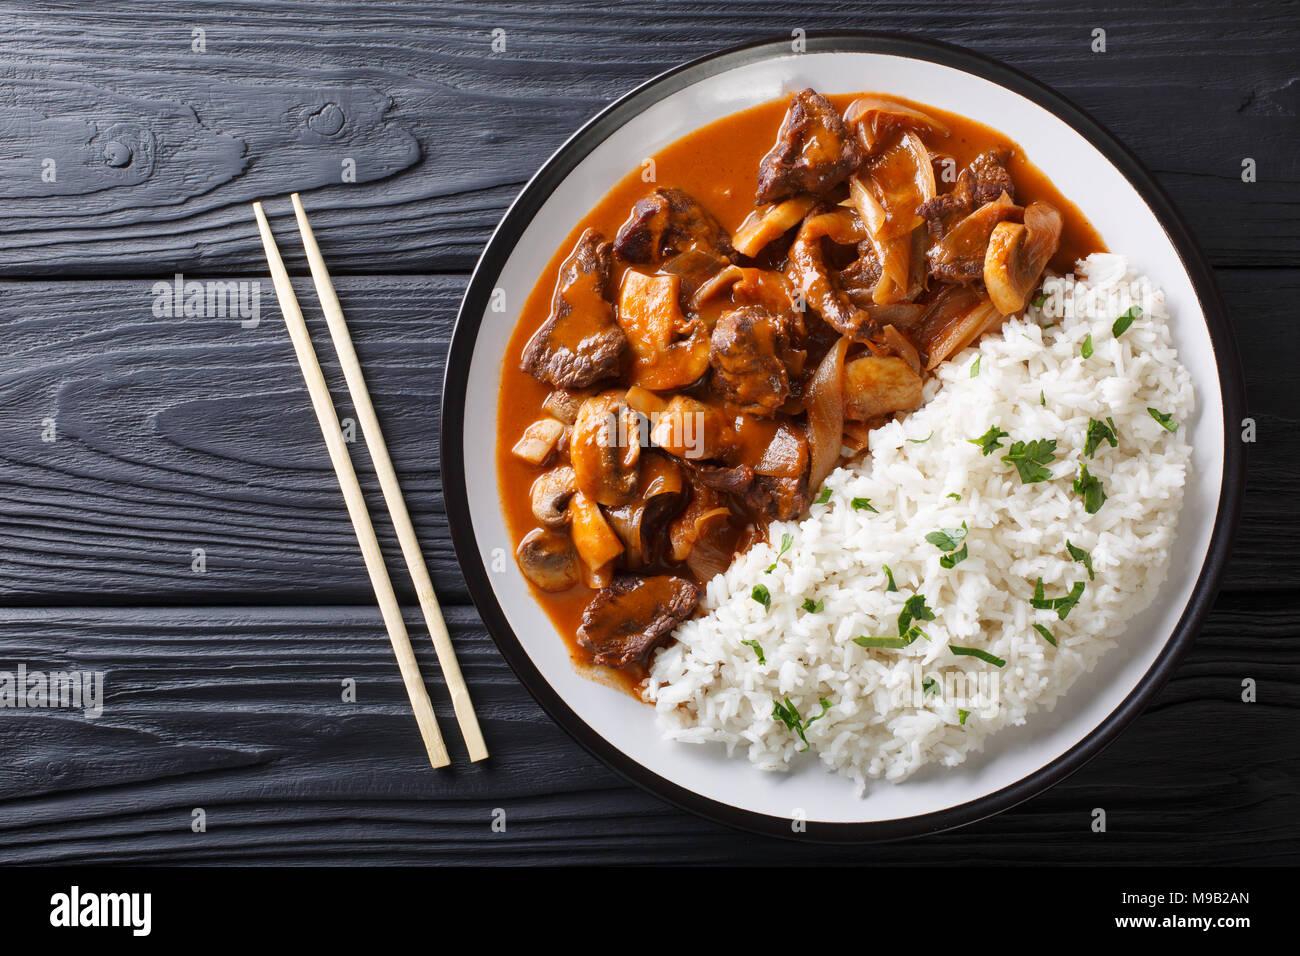 japanische k che scharfes rindfleisch mit zwiebeln und pilze sowie reis hayashi reis close. Black Bedroom Furniture Sets. Home Design Ideas